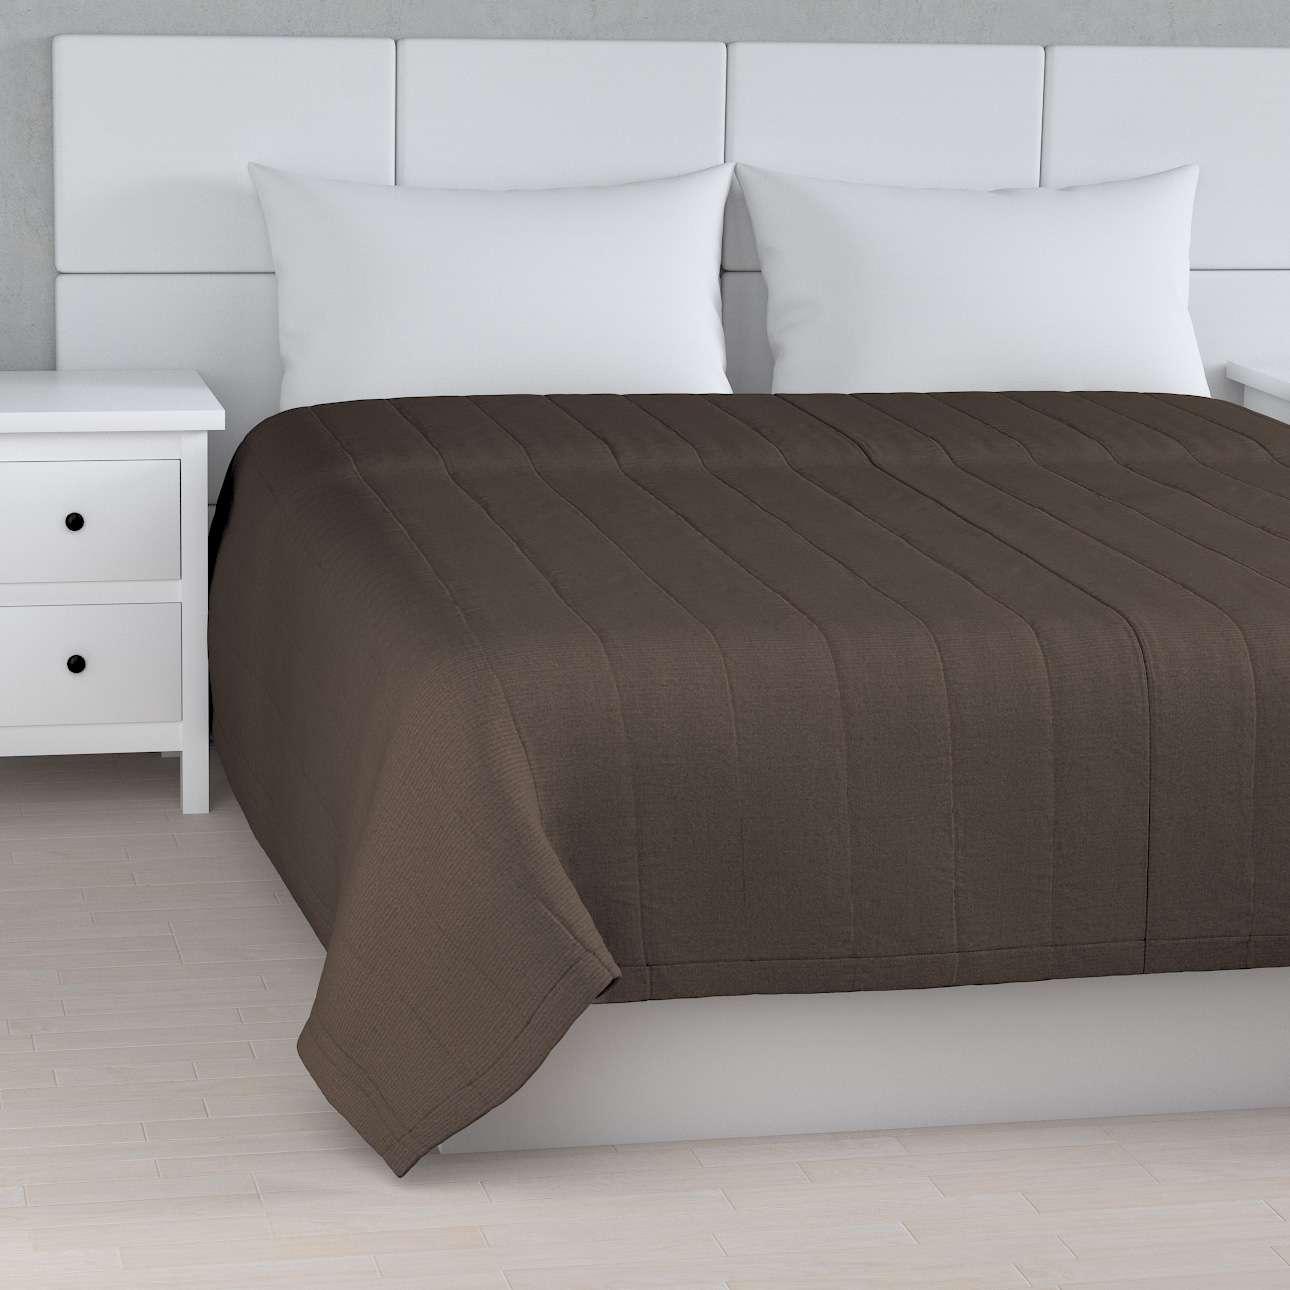 Tagesdecke mit Streifen-Steppung von der Kollektion Etna, Stoff: 705-08